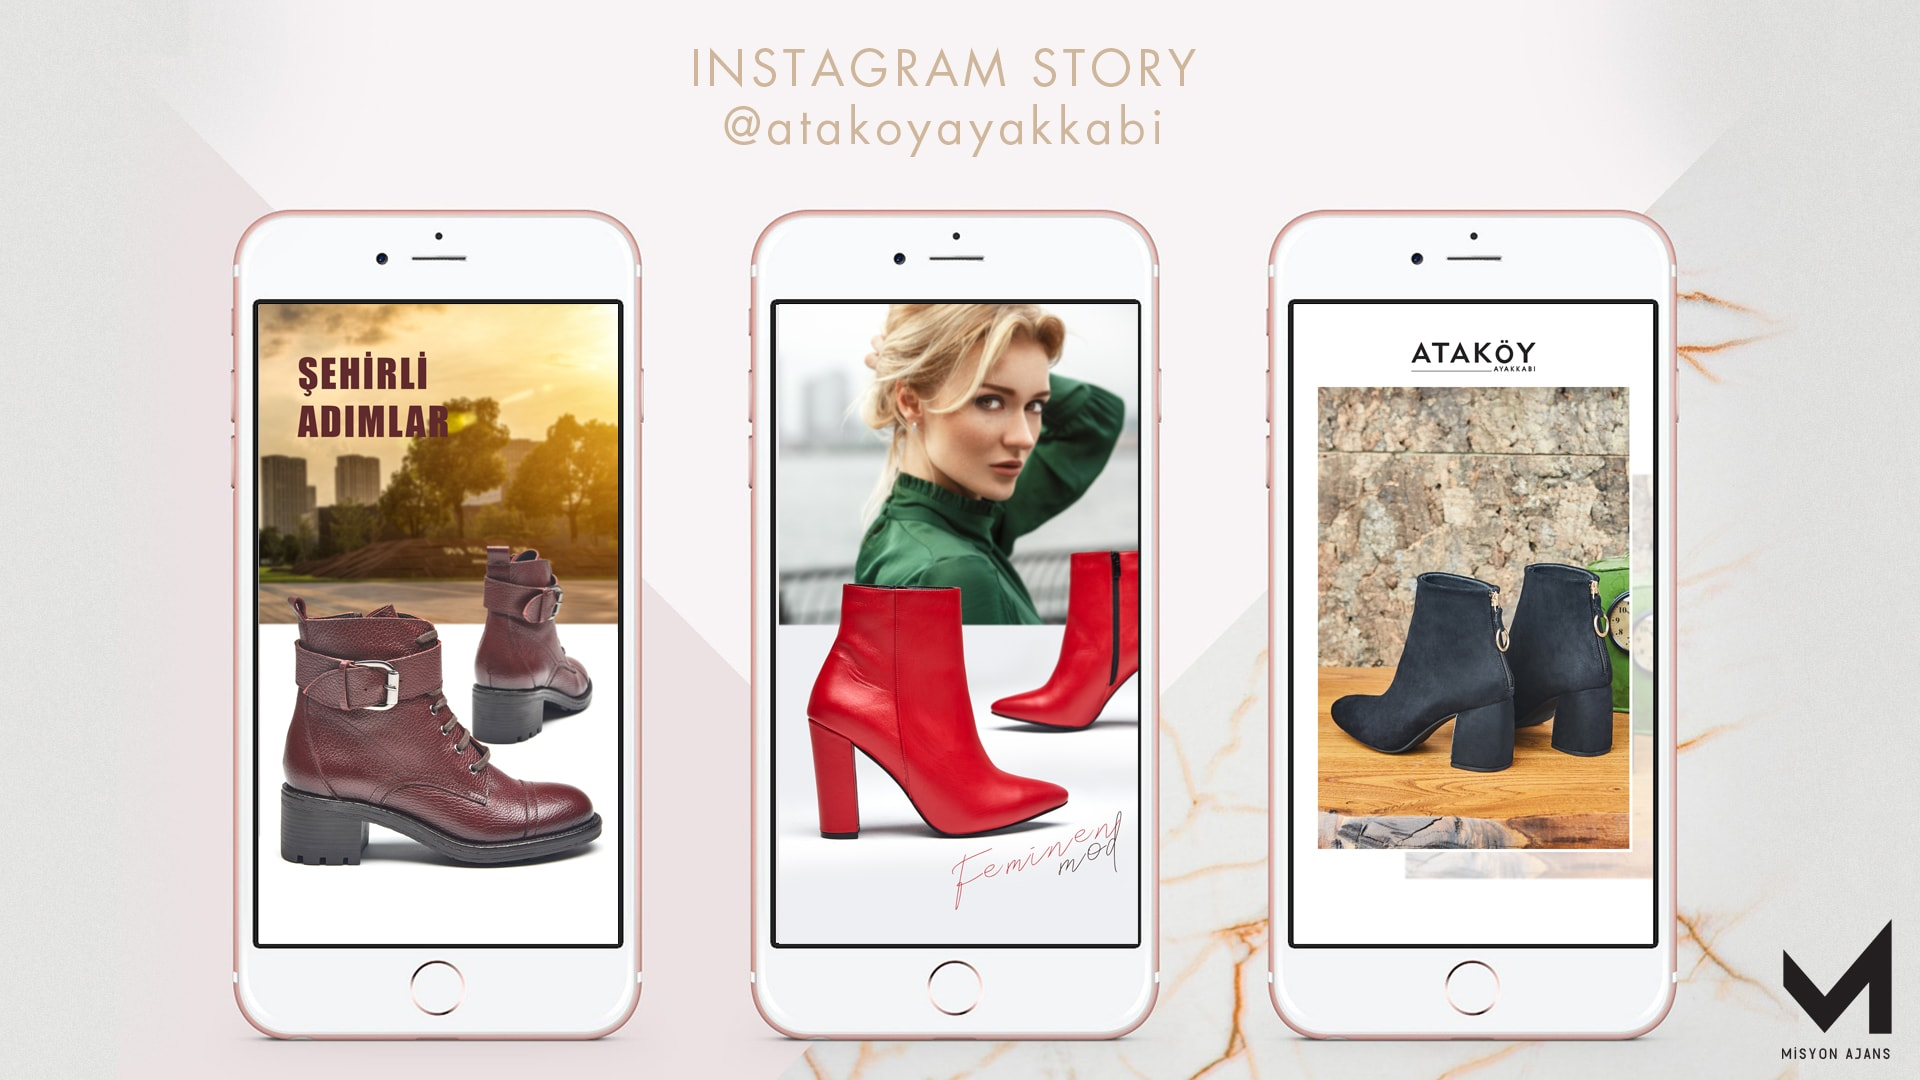 Ataköy Ayakkabı İnstagram Story